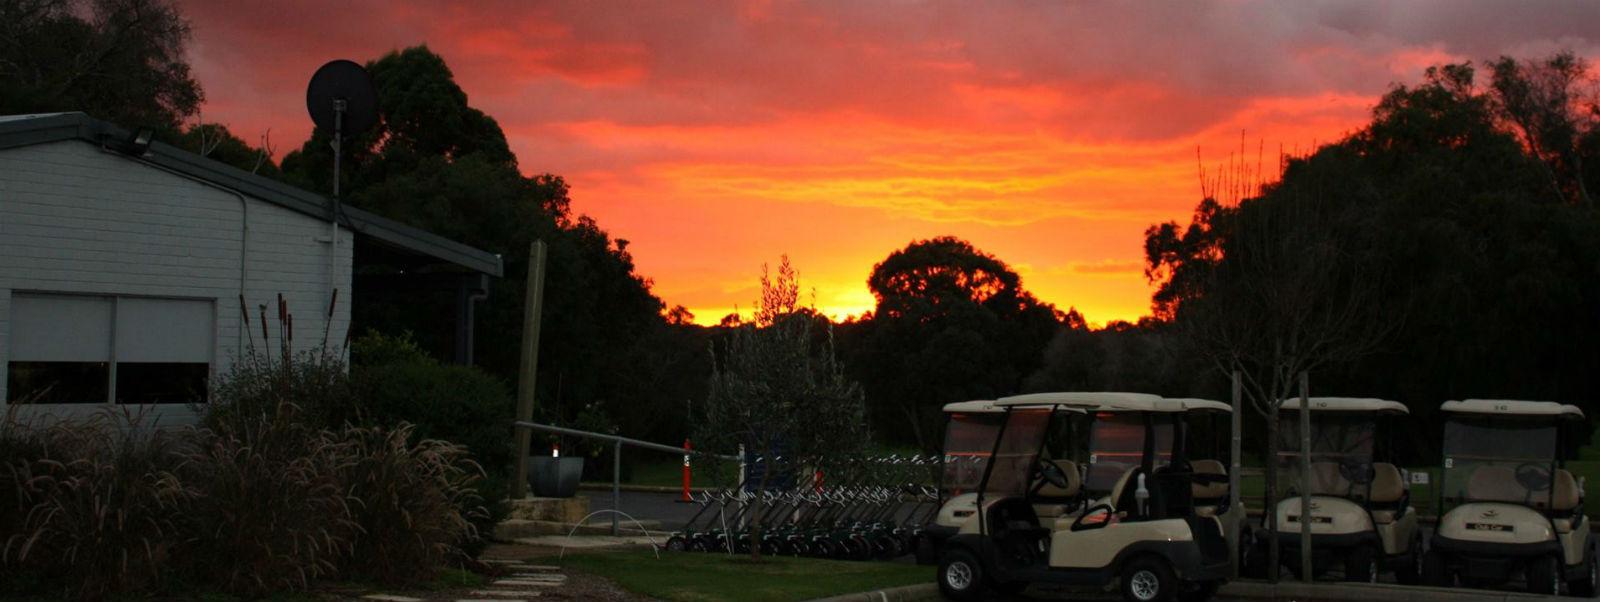 sunrise at MRGC